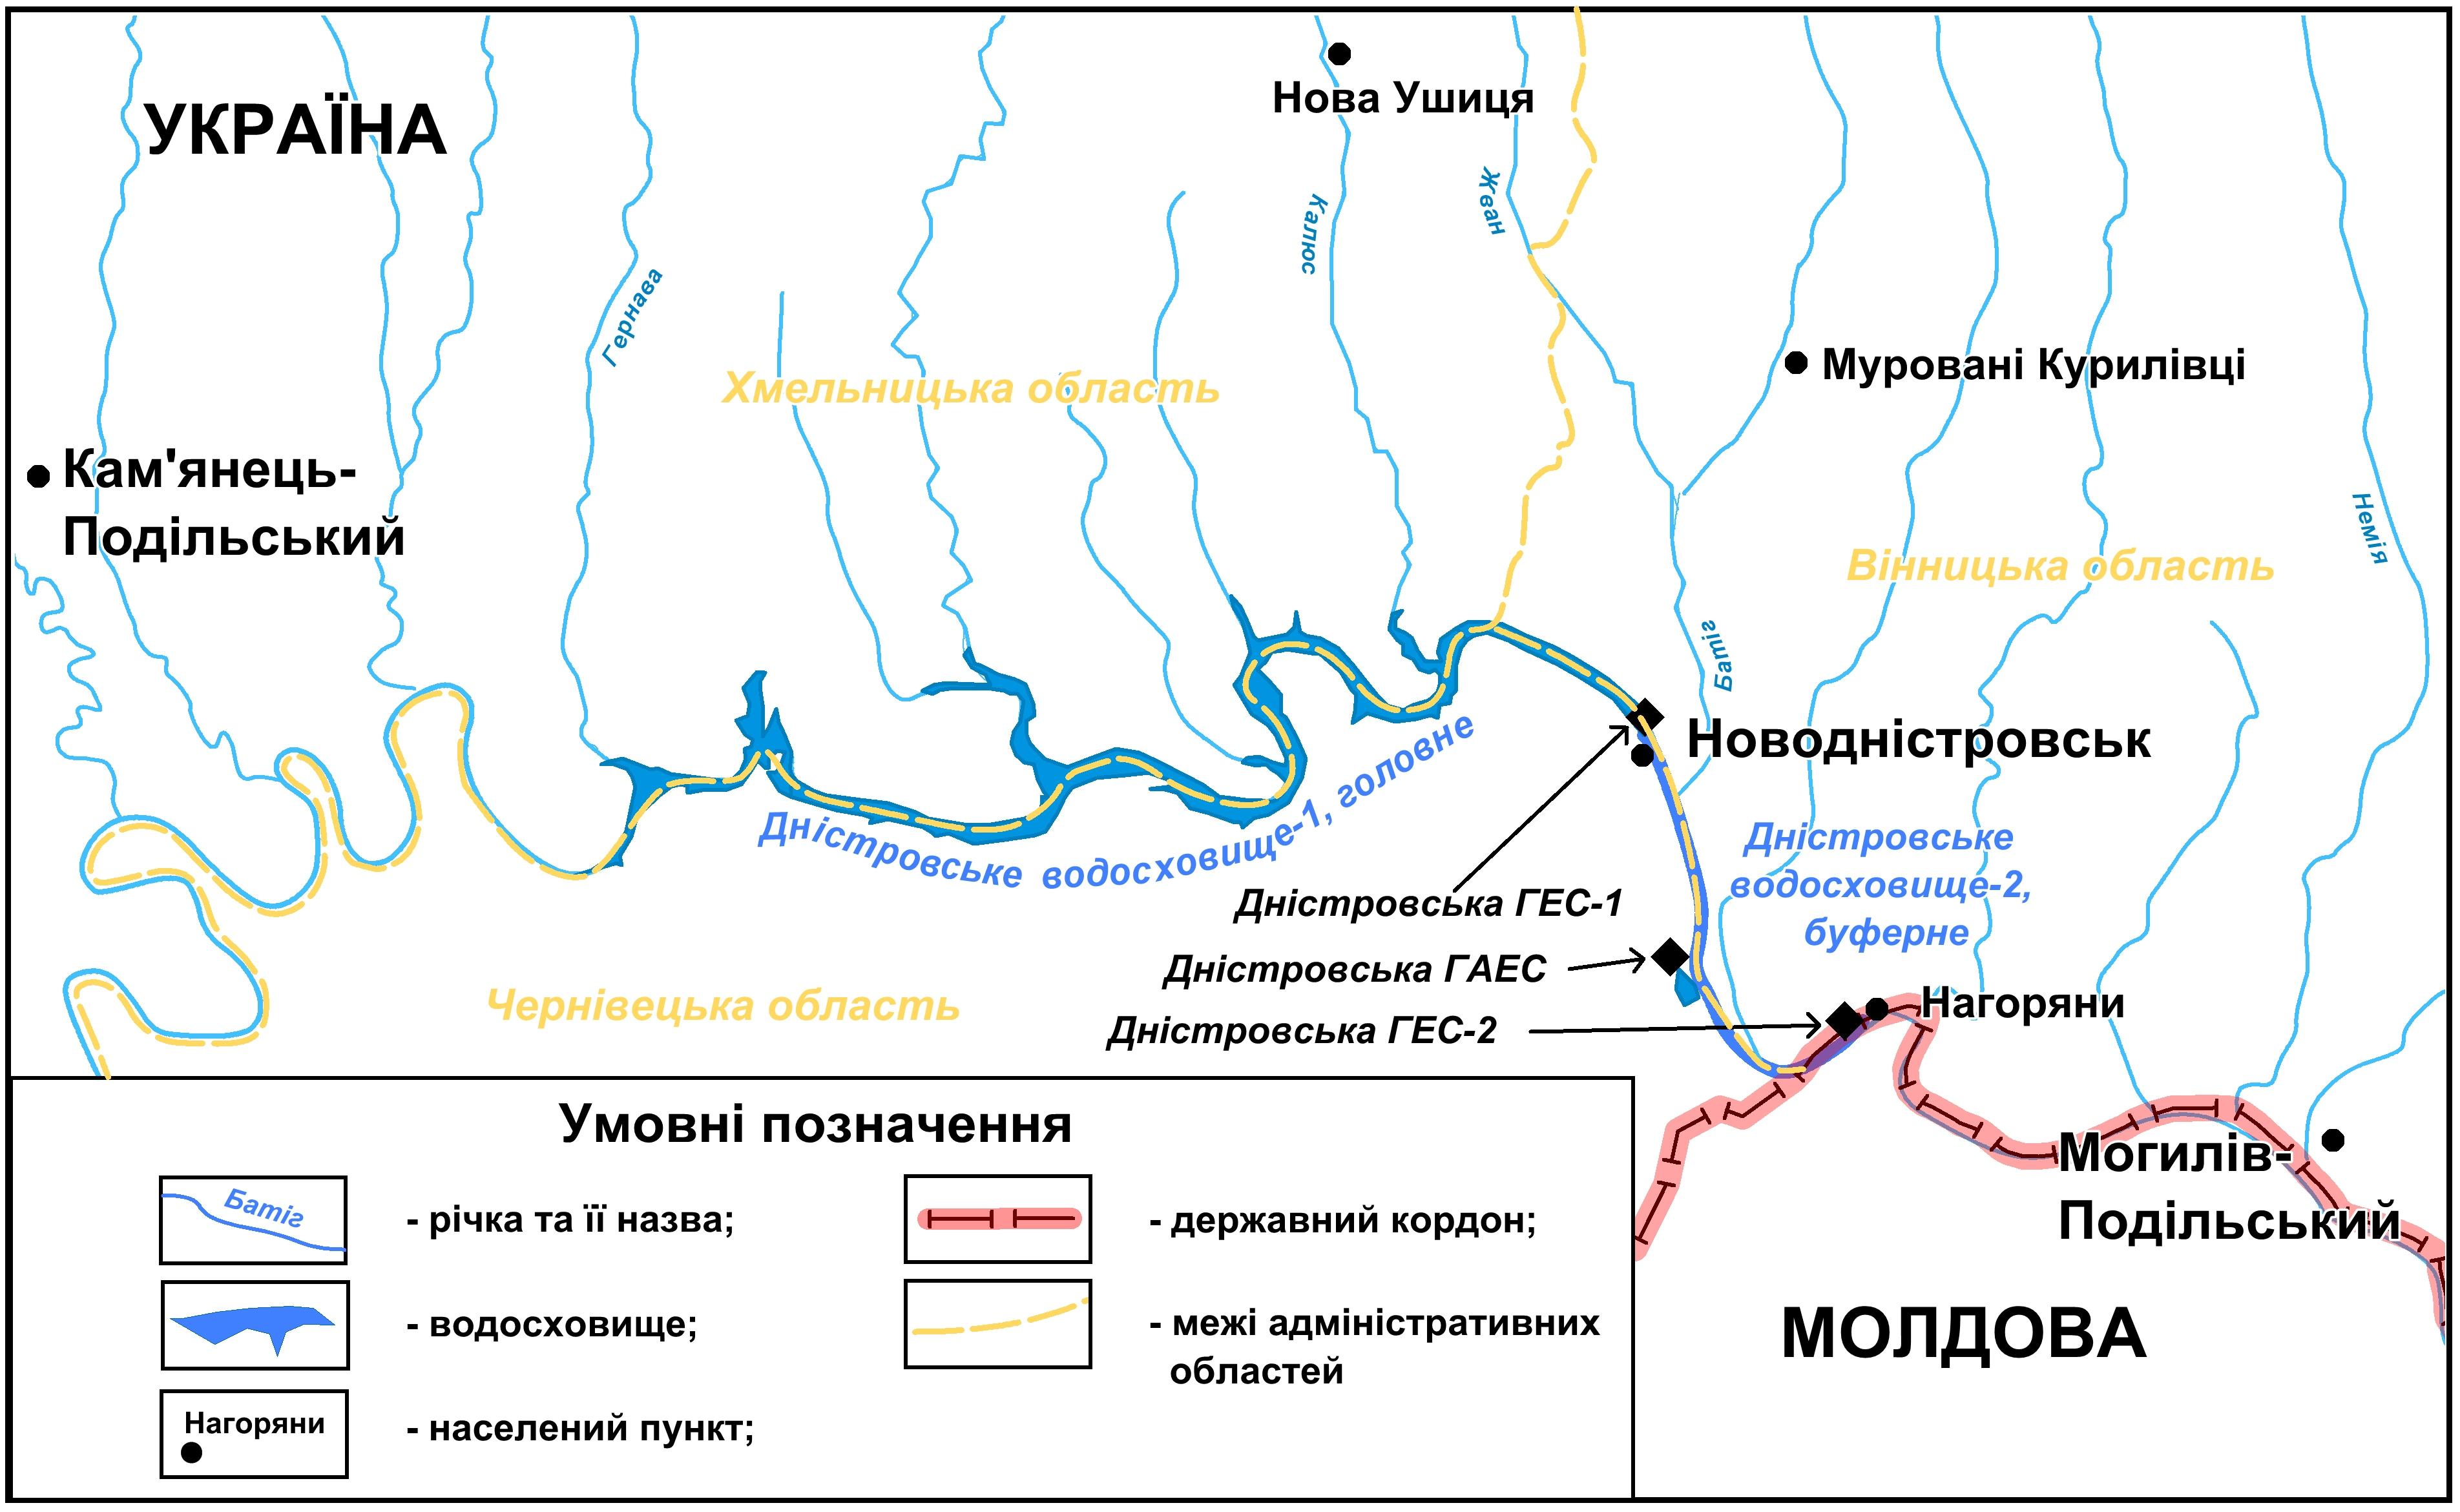 Dnistrovske